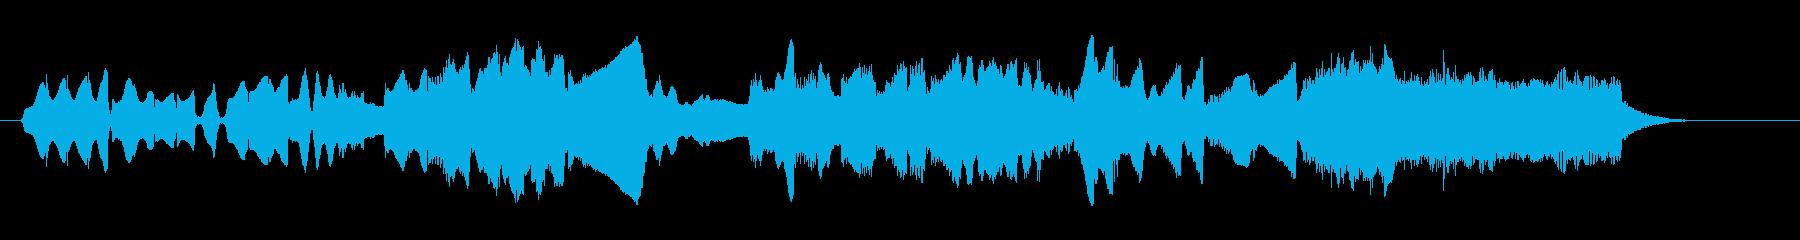 鍵盤ハーモニカとオルガンによる牧歌の再生済みの波形